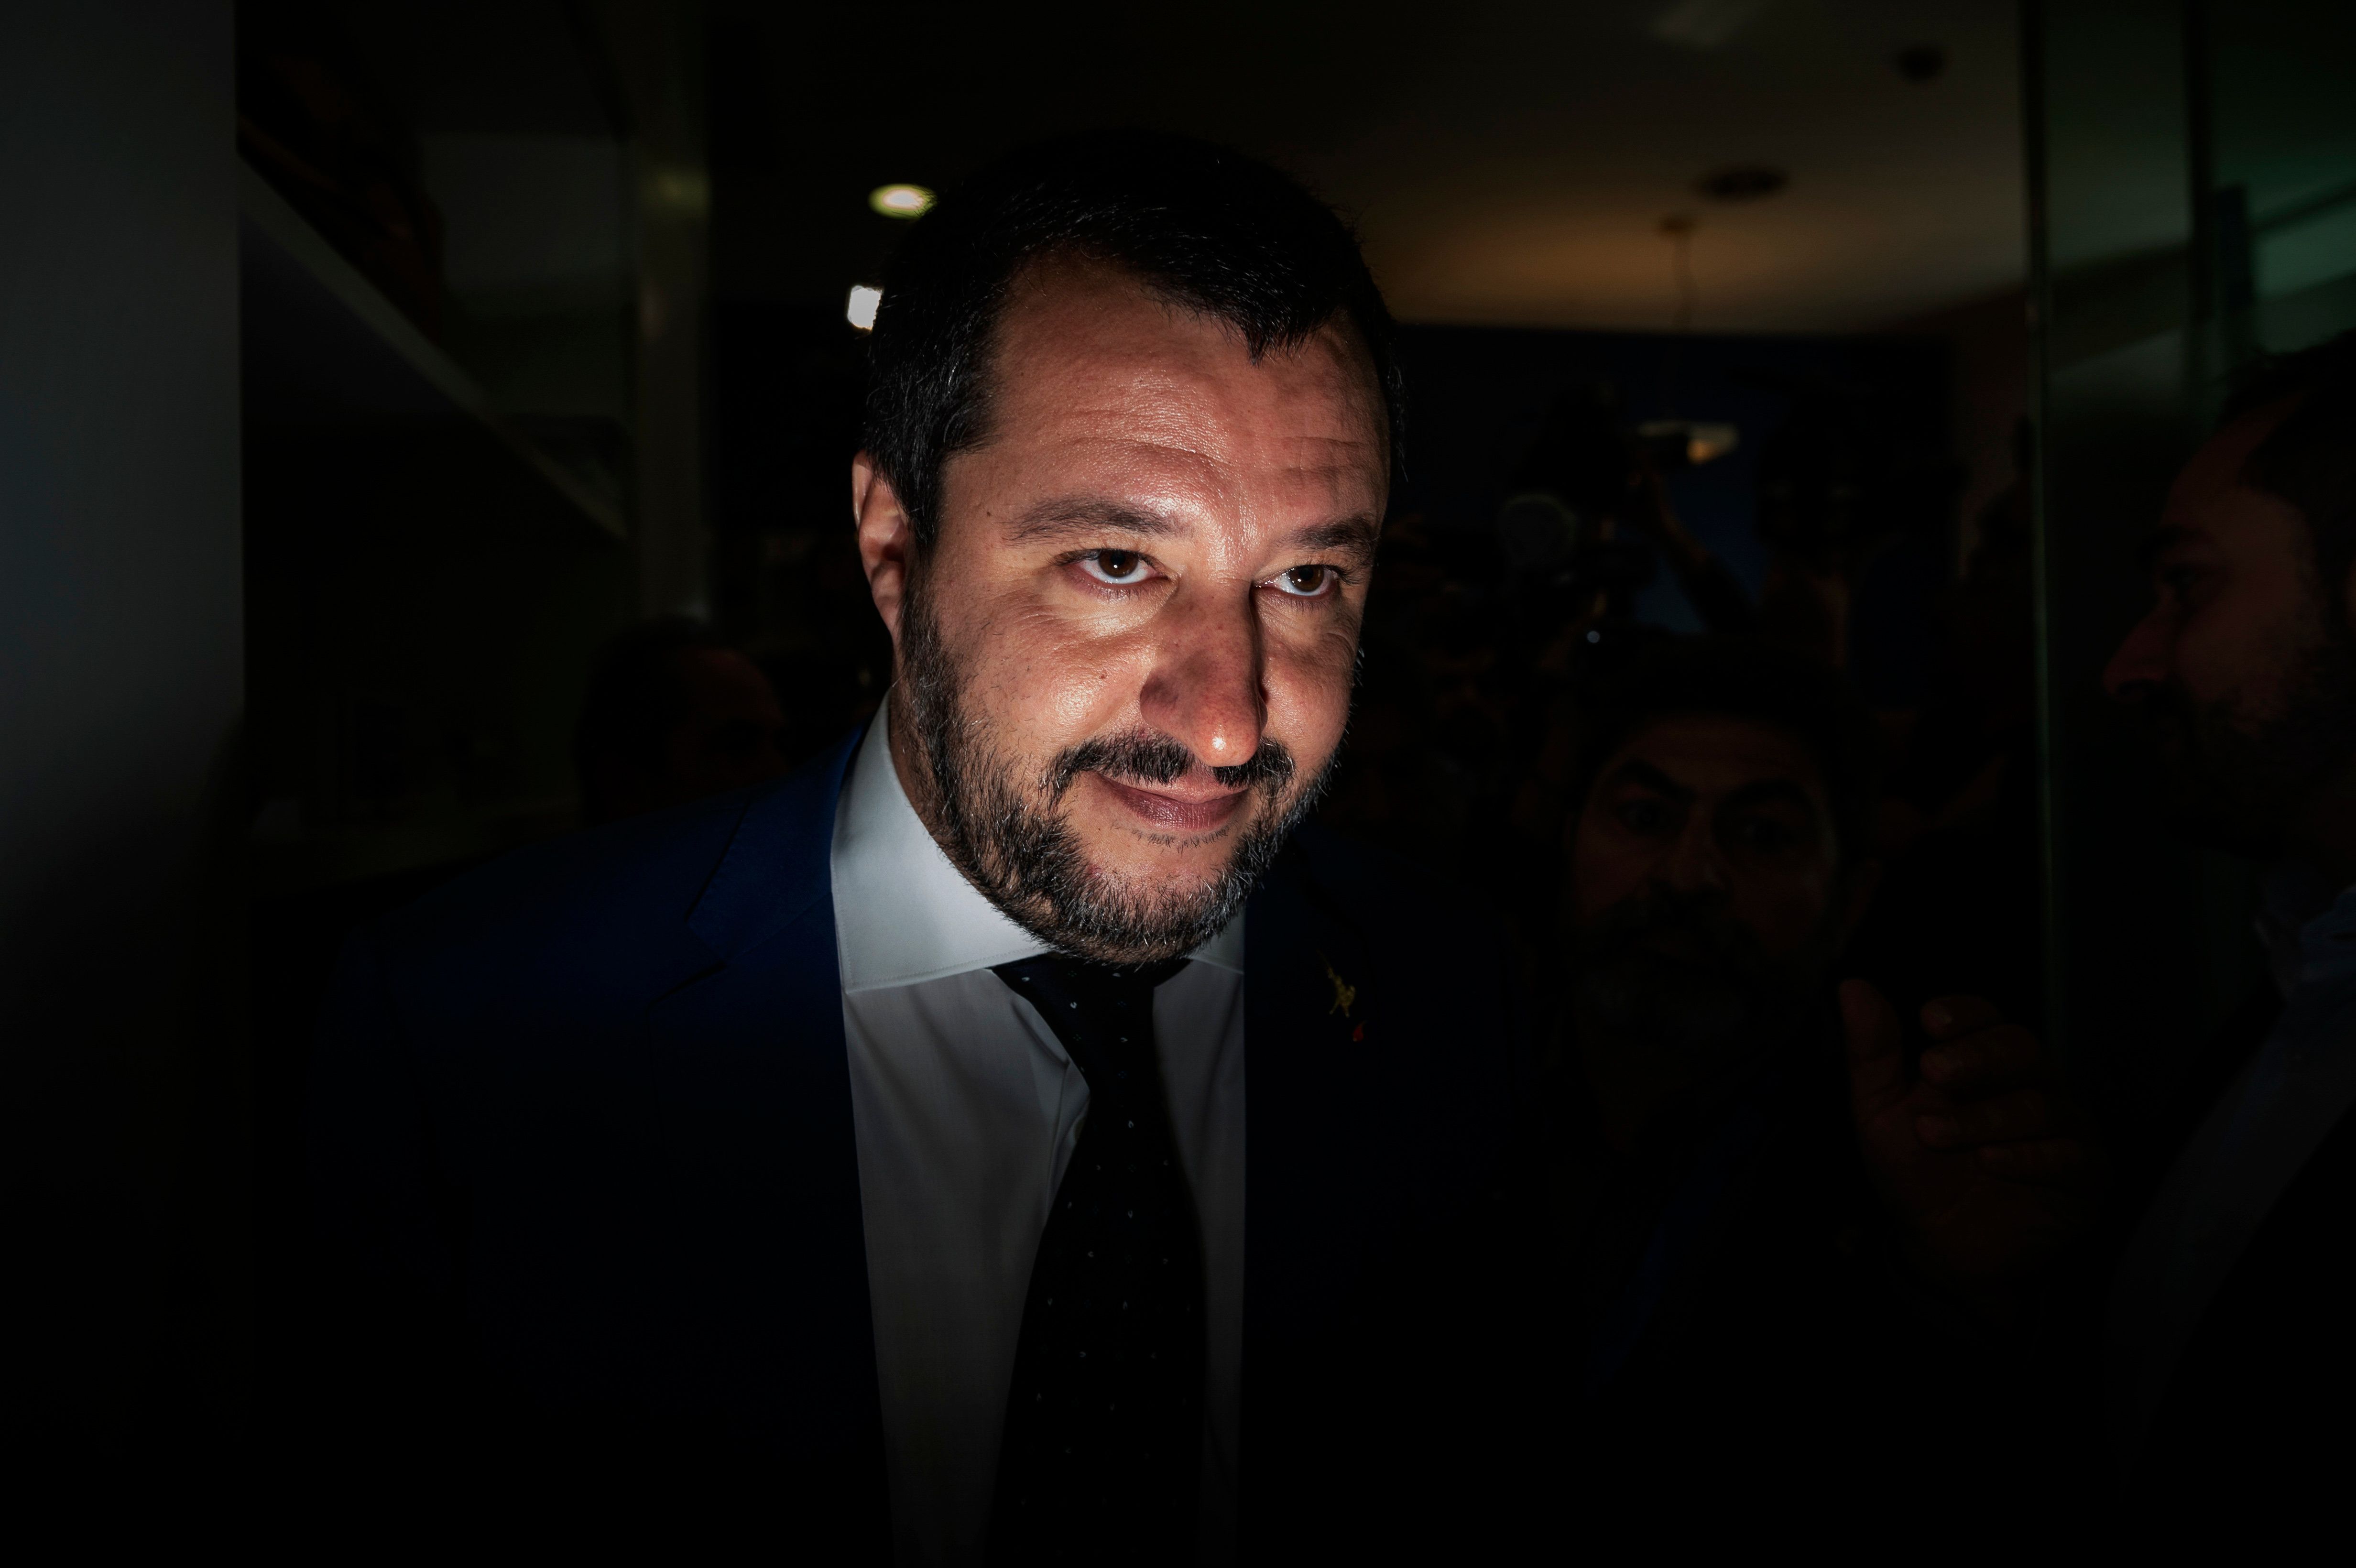 Neuer Vorschlag von Salvini zeigt, wie gefährlich tief Italien gefallen